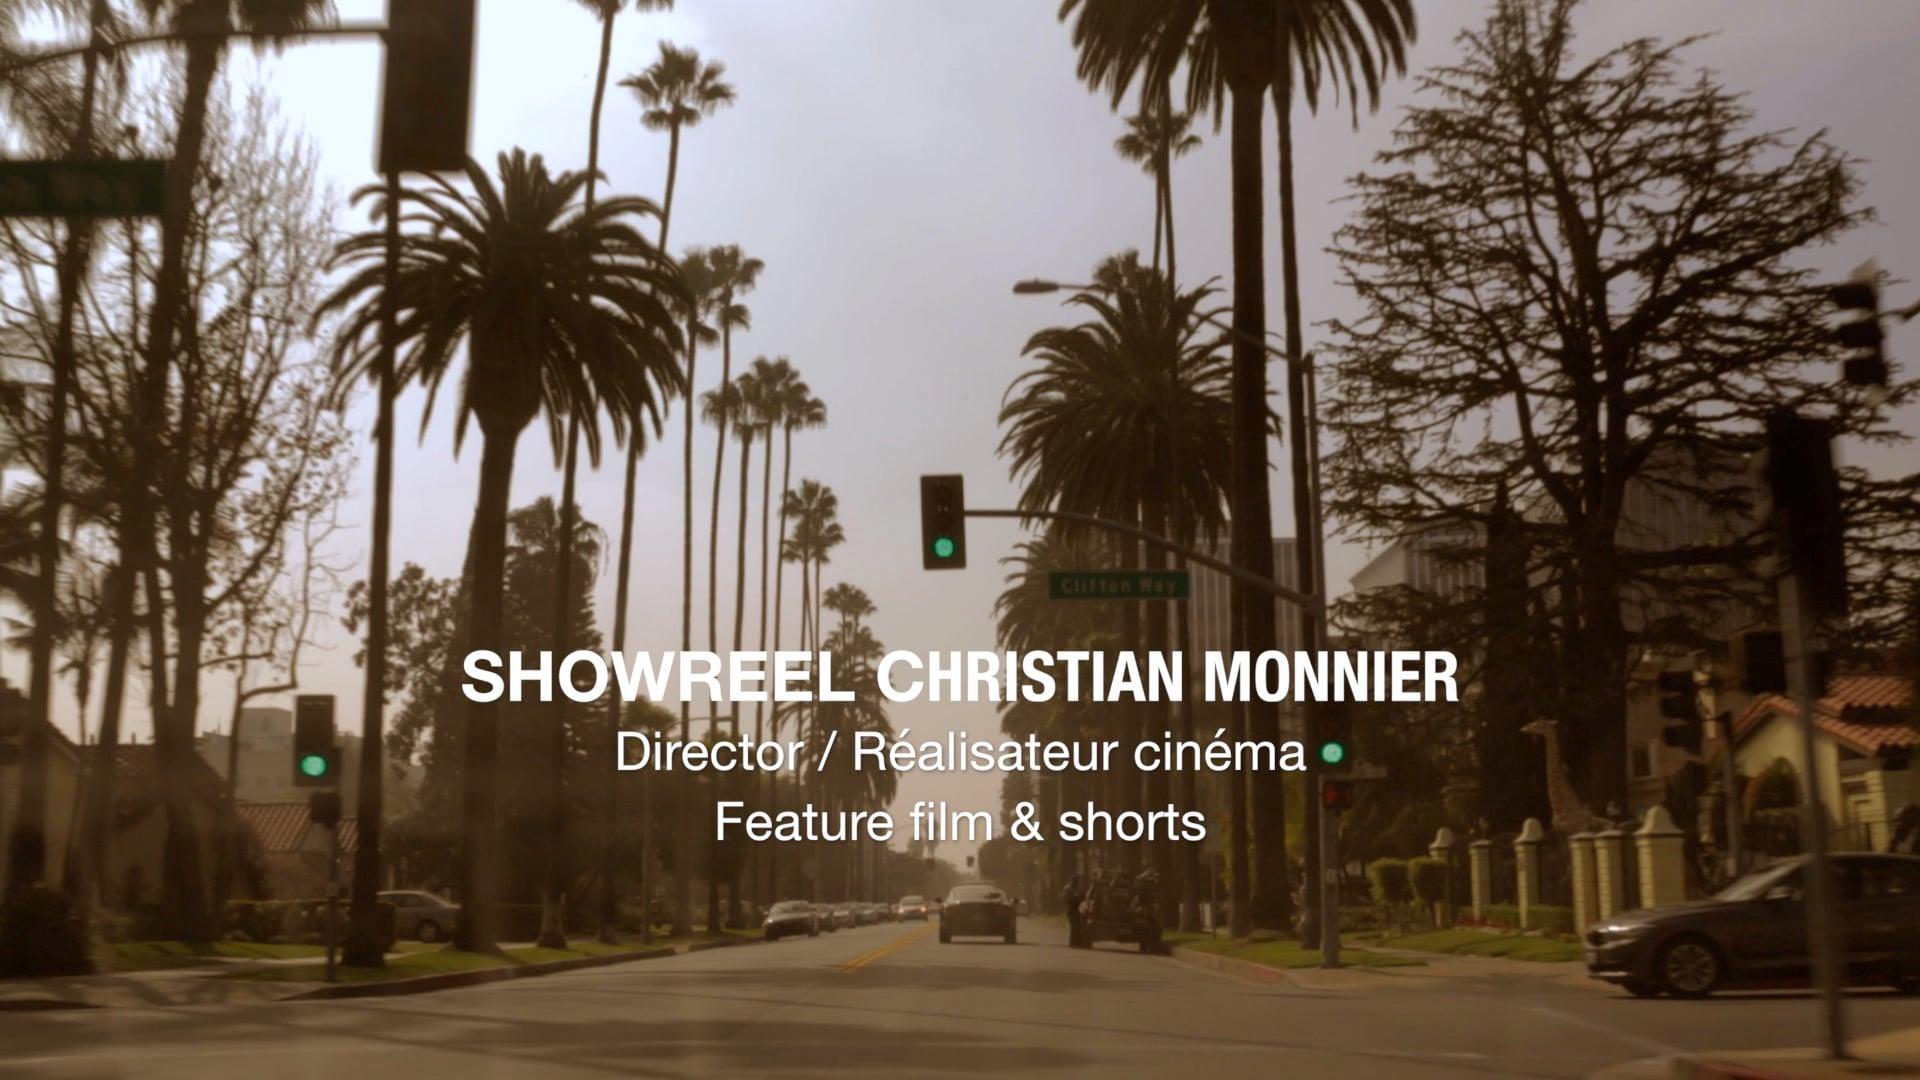 Showreel 2018 - Christian Monnier / Director / Réalisateur cinéma